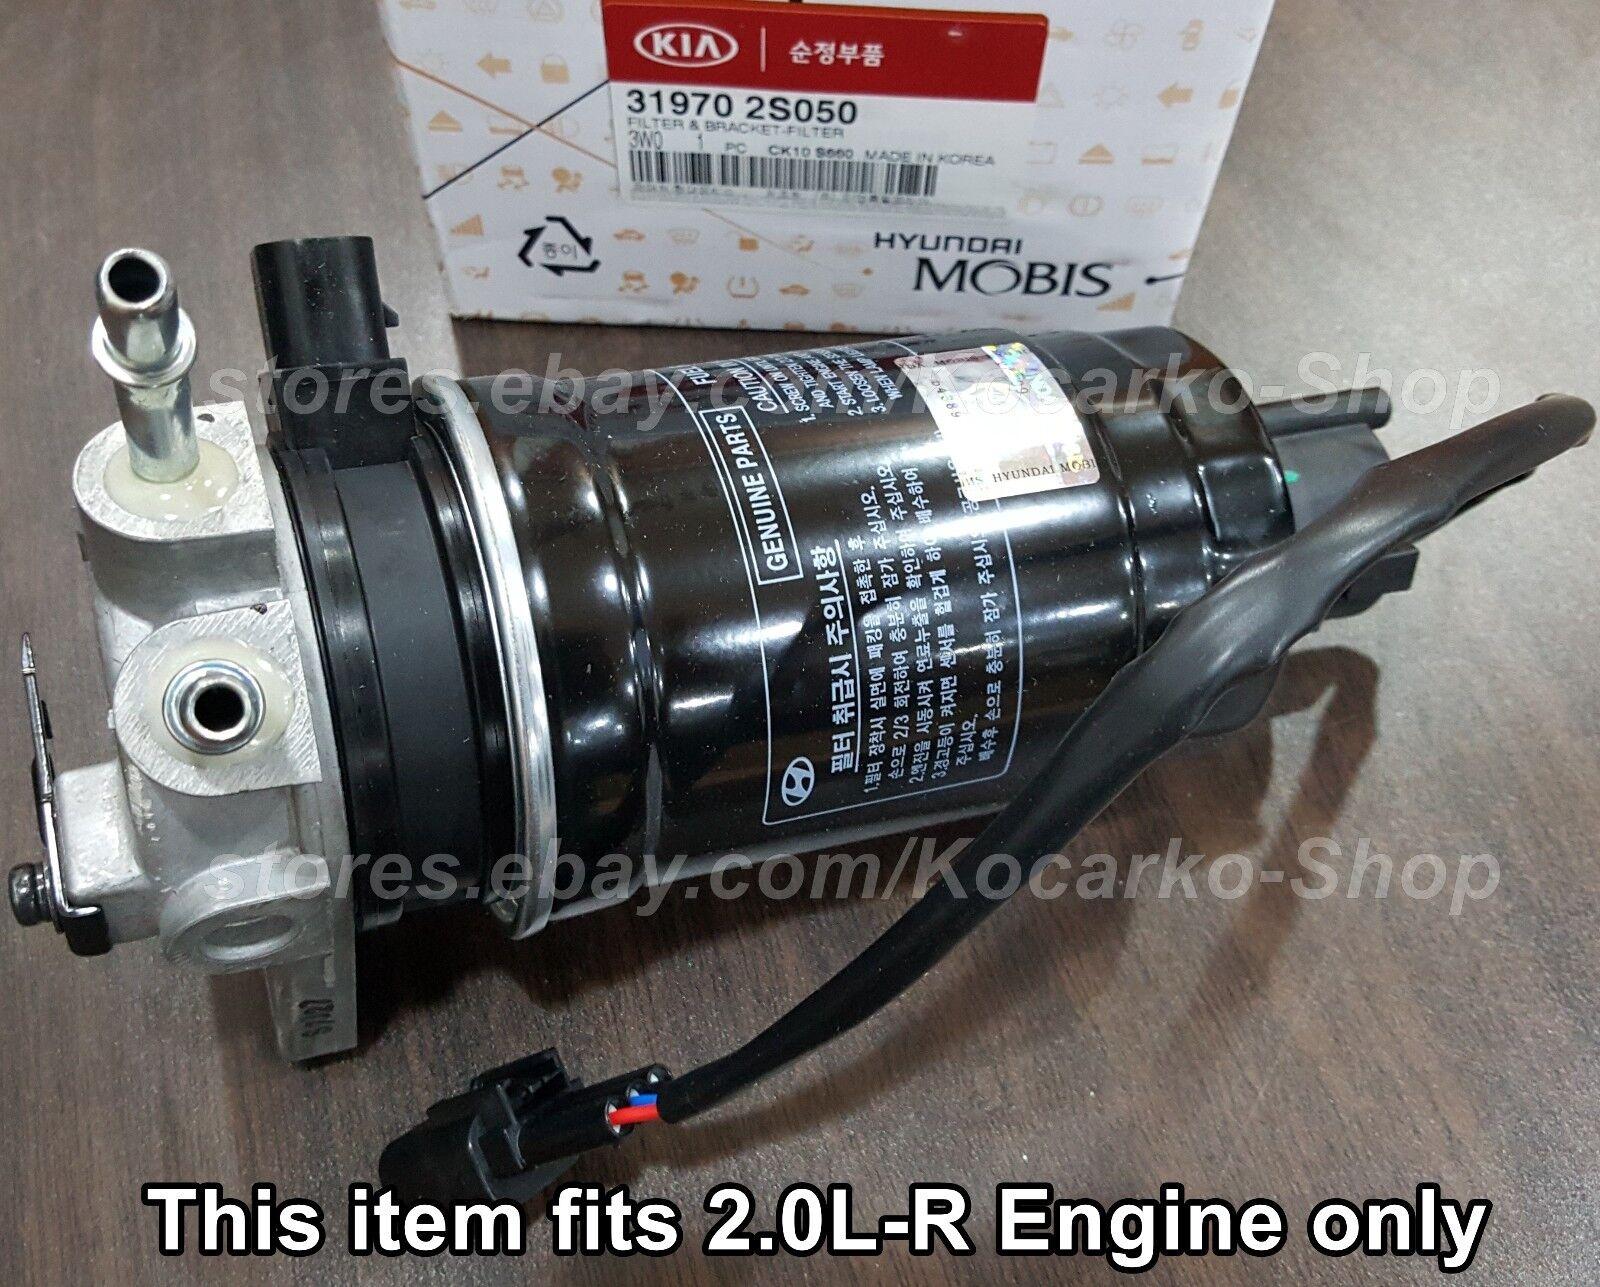 Fuel Filters Ebayshopkorea Discover Korea On Ebay 2012 Kia Sorento Filter Oem Bracket Assy Hyundai Tucson Sportage 2014 2015 319702s050